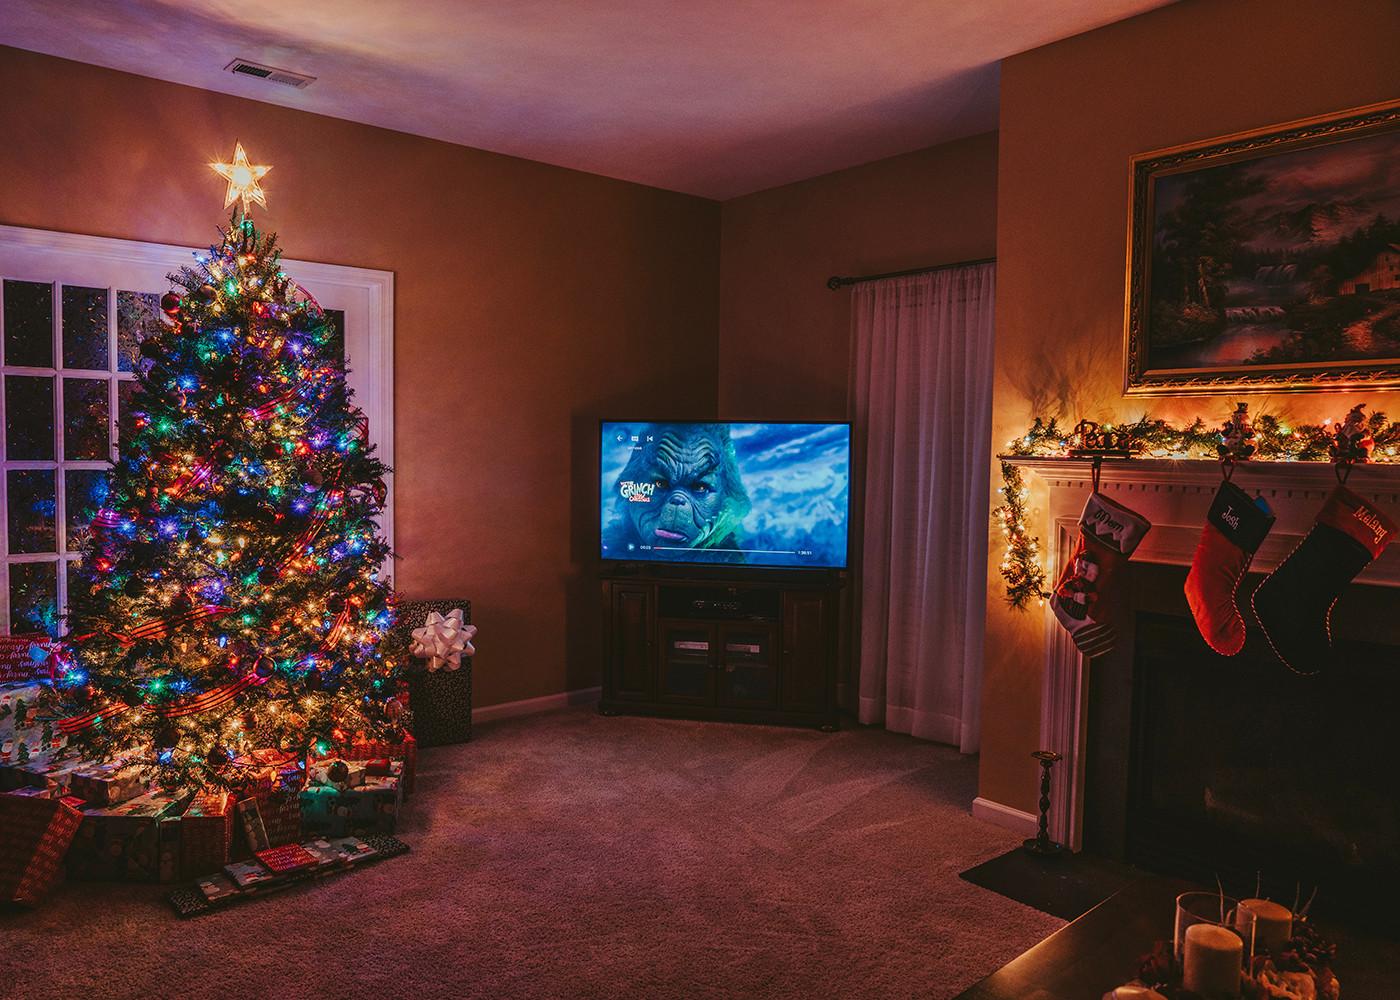 weihnachten 2019 im fernsehen welche filme und klassiker. Black Bedroom Furniture Sets. Home Design Ideas